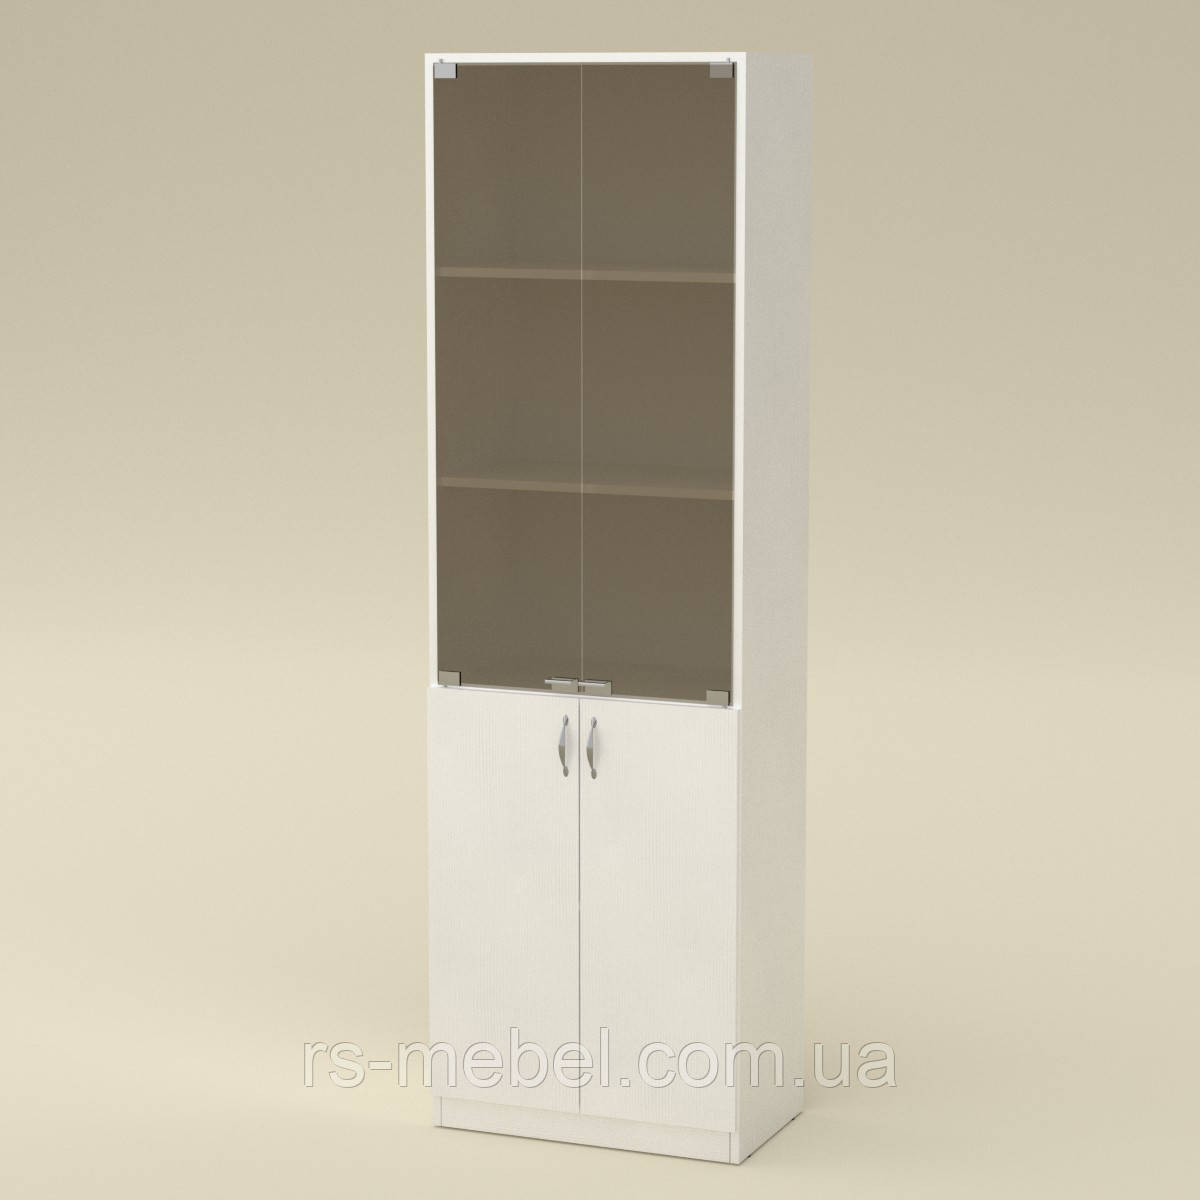 Шкаф КШ-6 (Компанит)